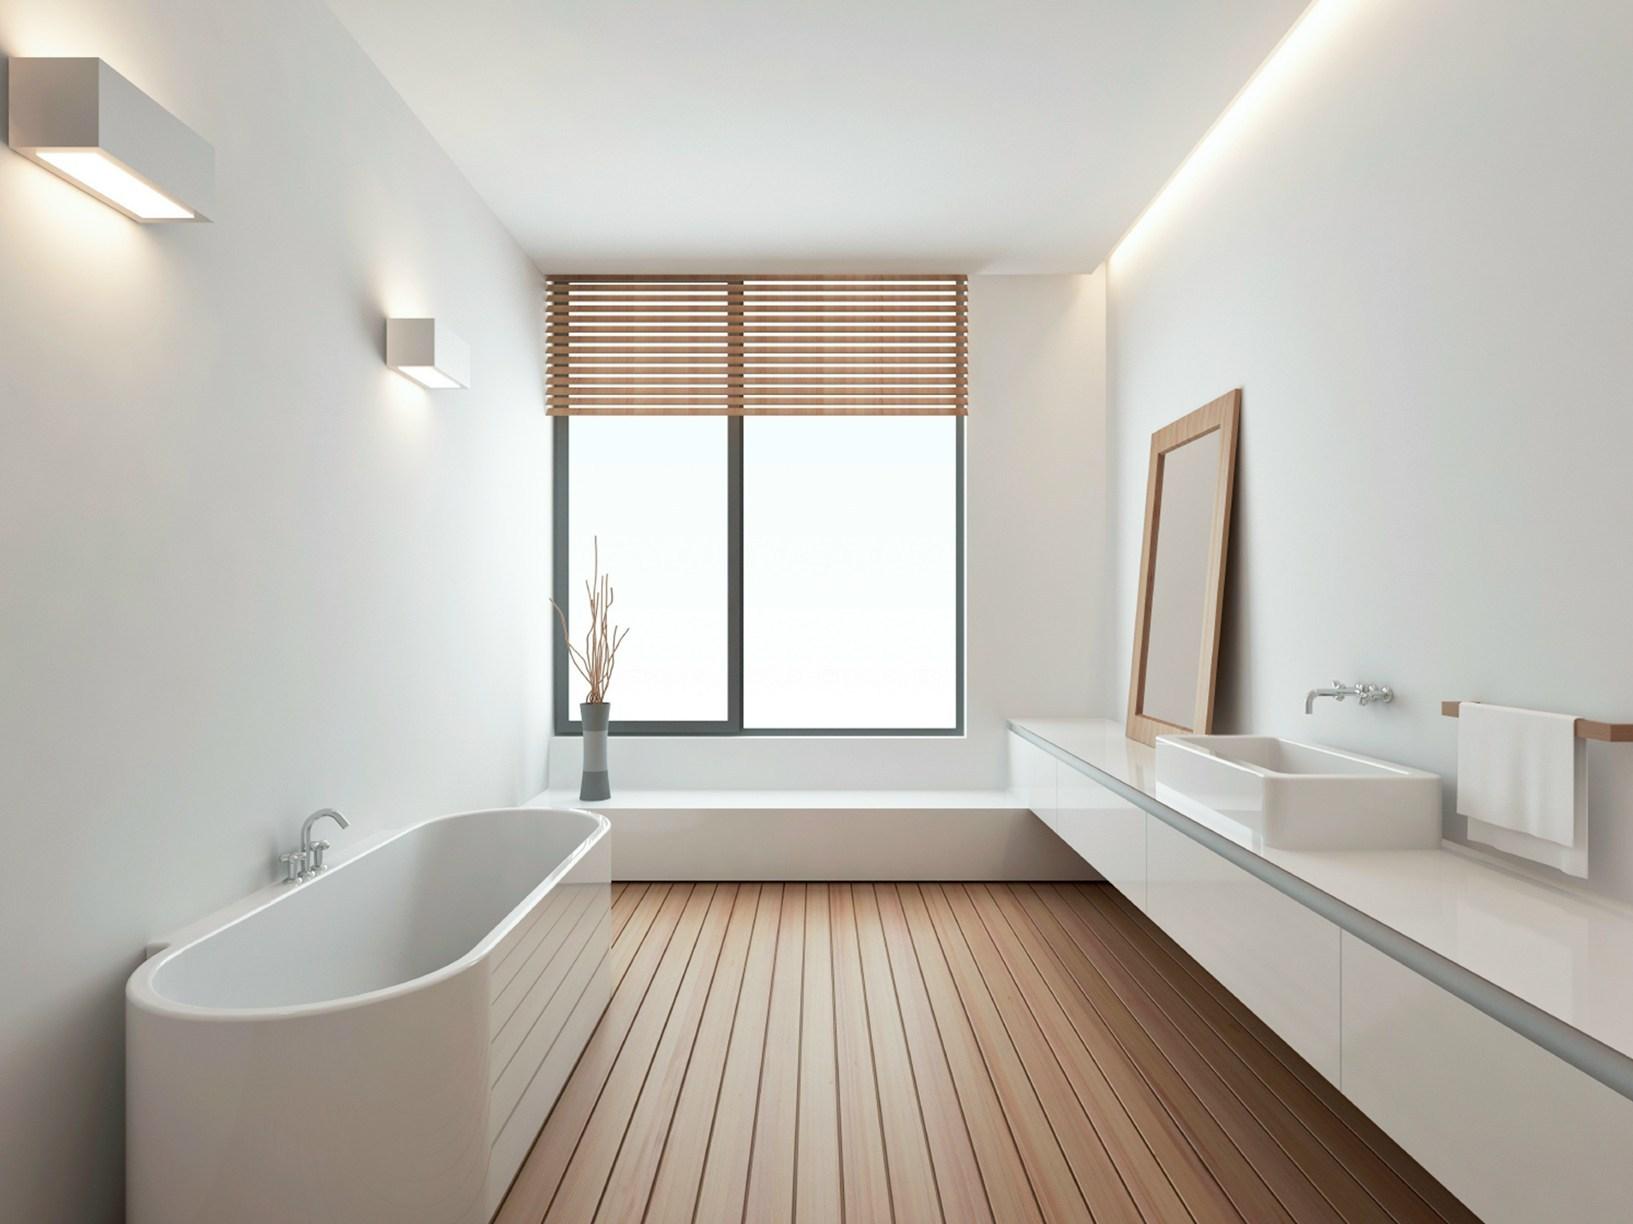 Si rinnova l appuntamento con livinginteriors - Illuminazione da bagno ...